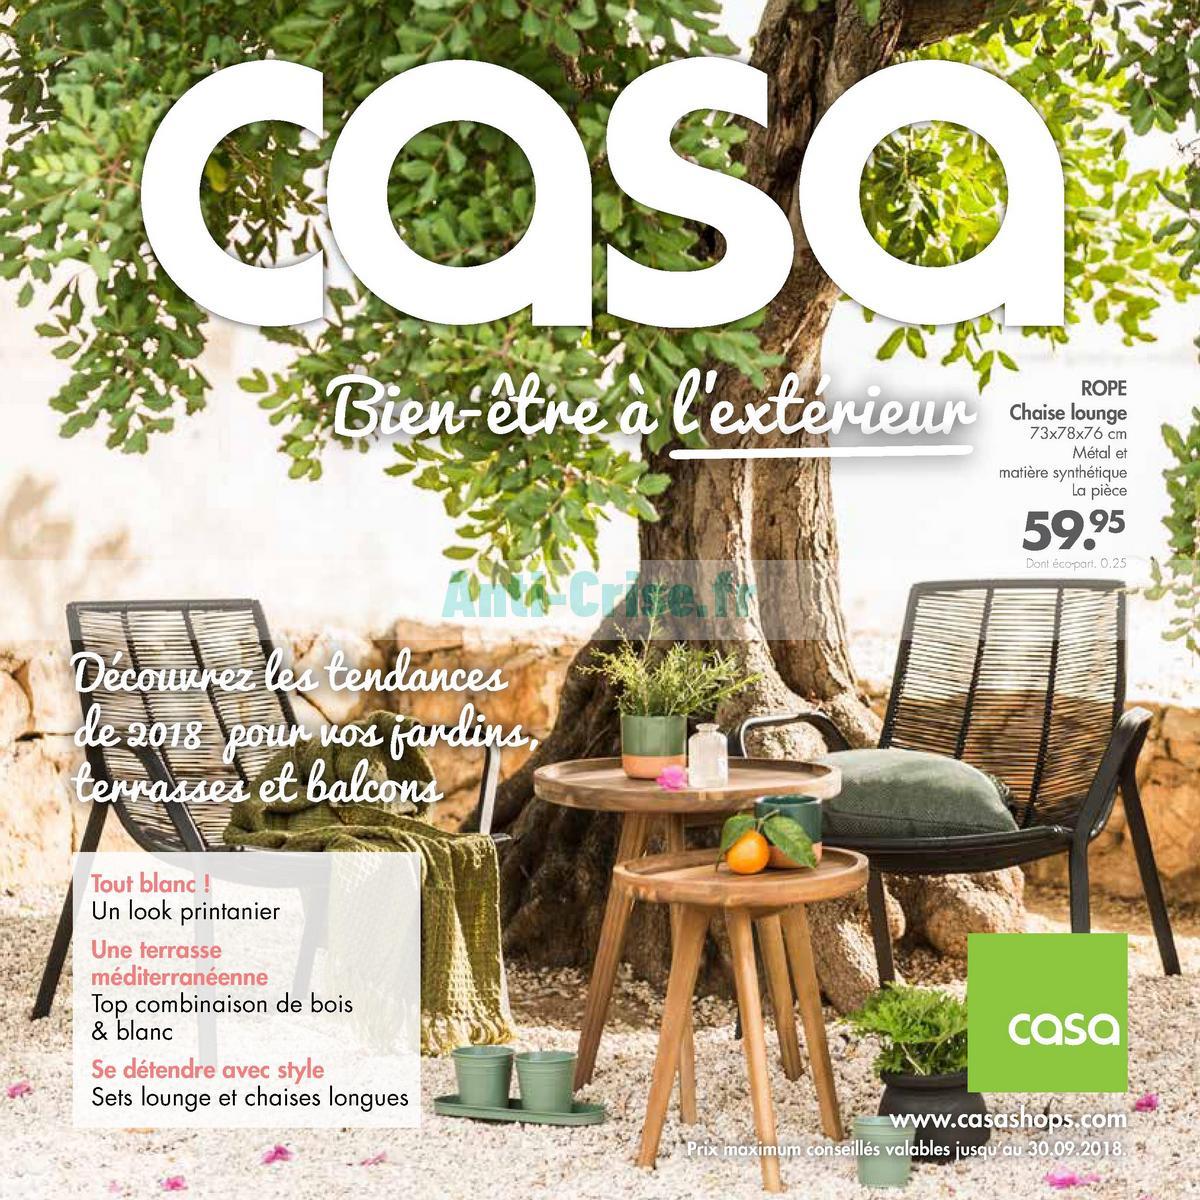 septembre2018 Catalogue Casa du 21 mai au 30 septembre 2018 (1)